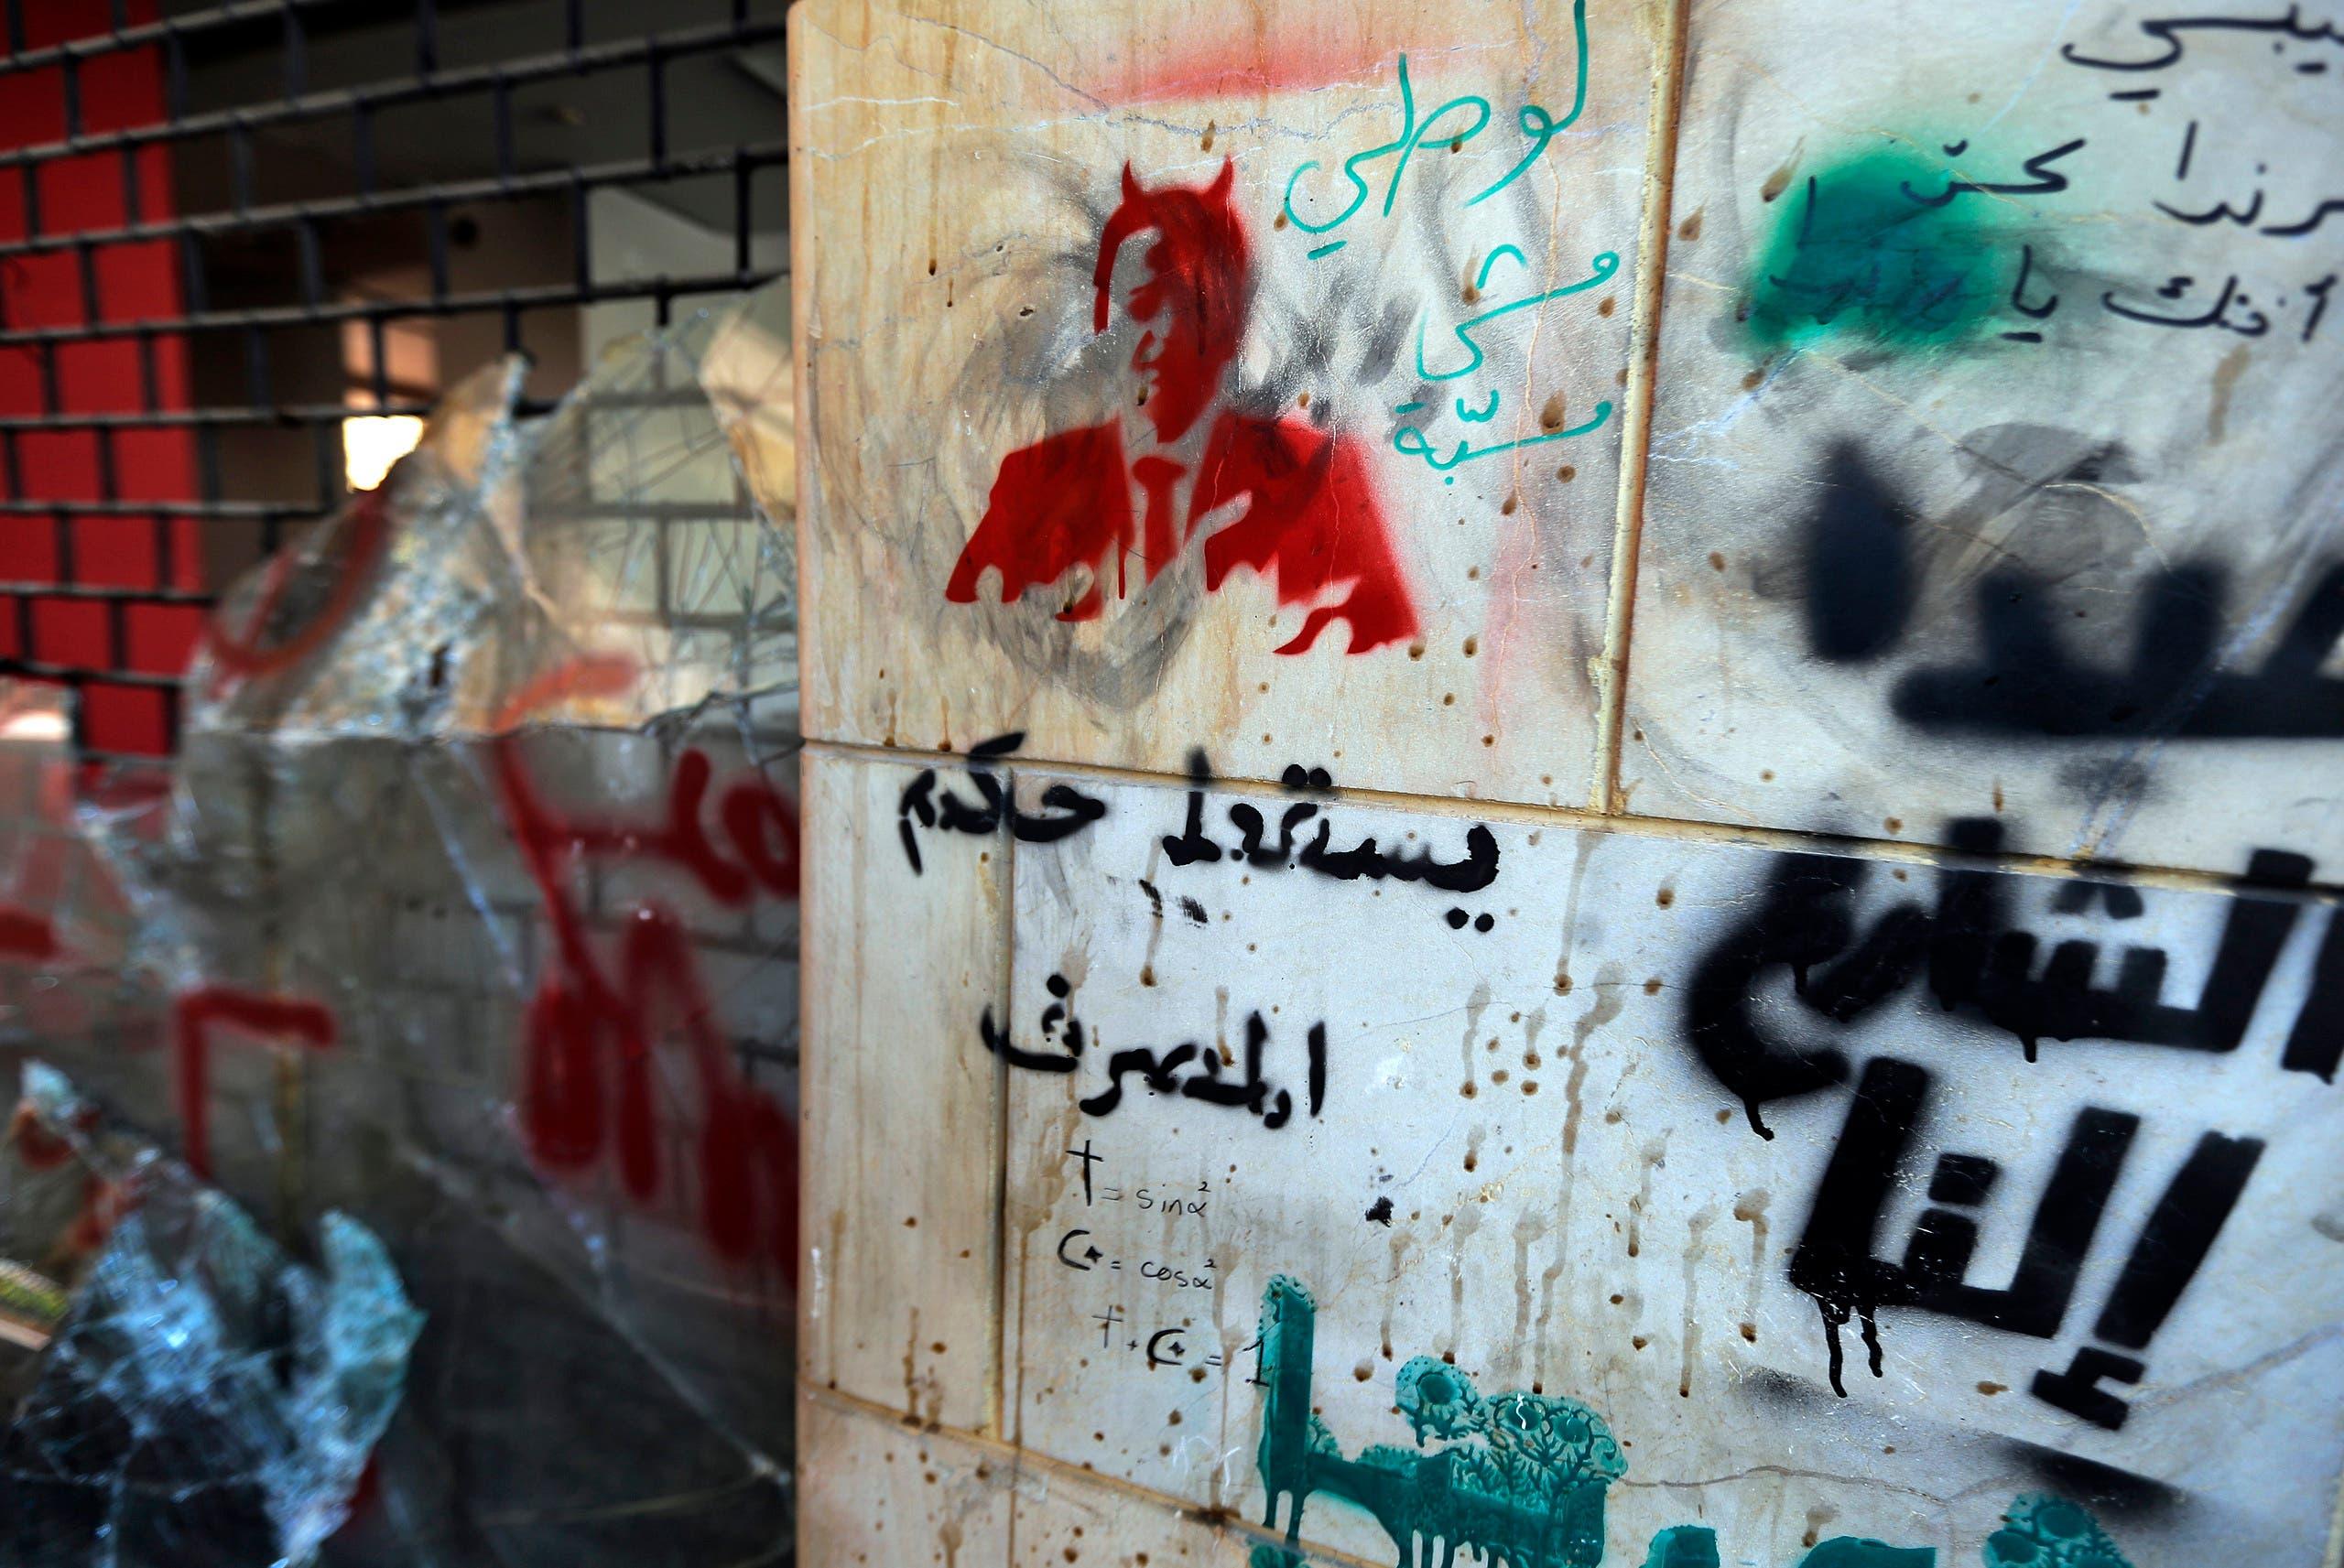 شعارات مناهضة لسياسة رياض سلامة النقدية في لبنان (أرشيفية- فرانس برس)